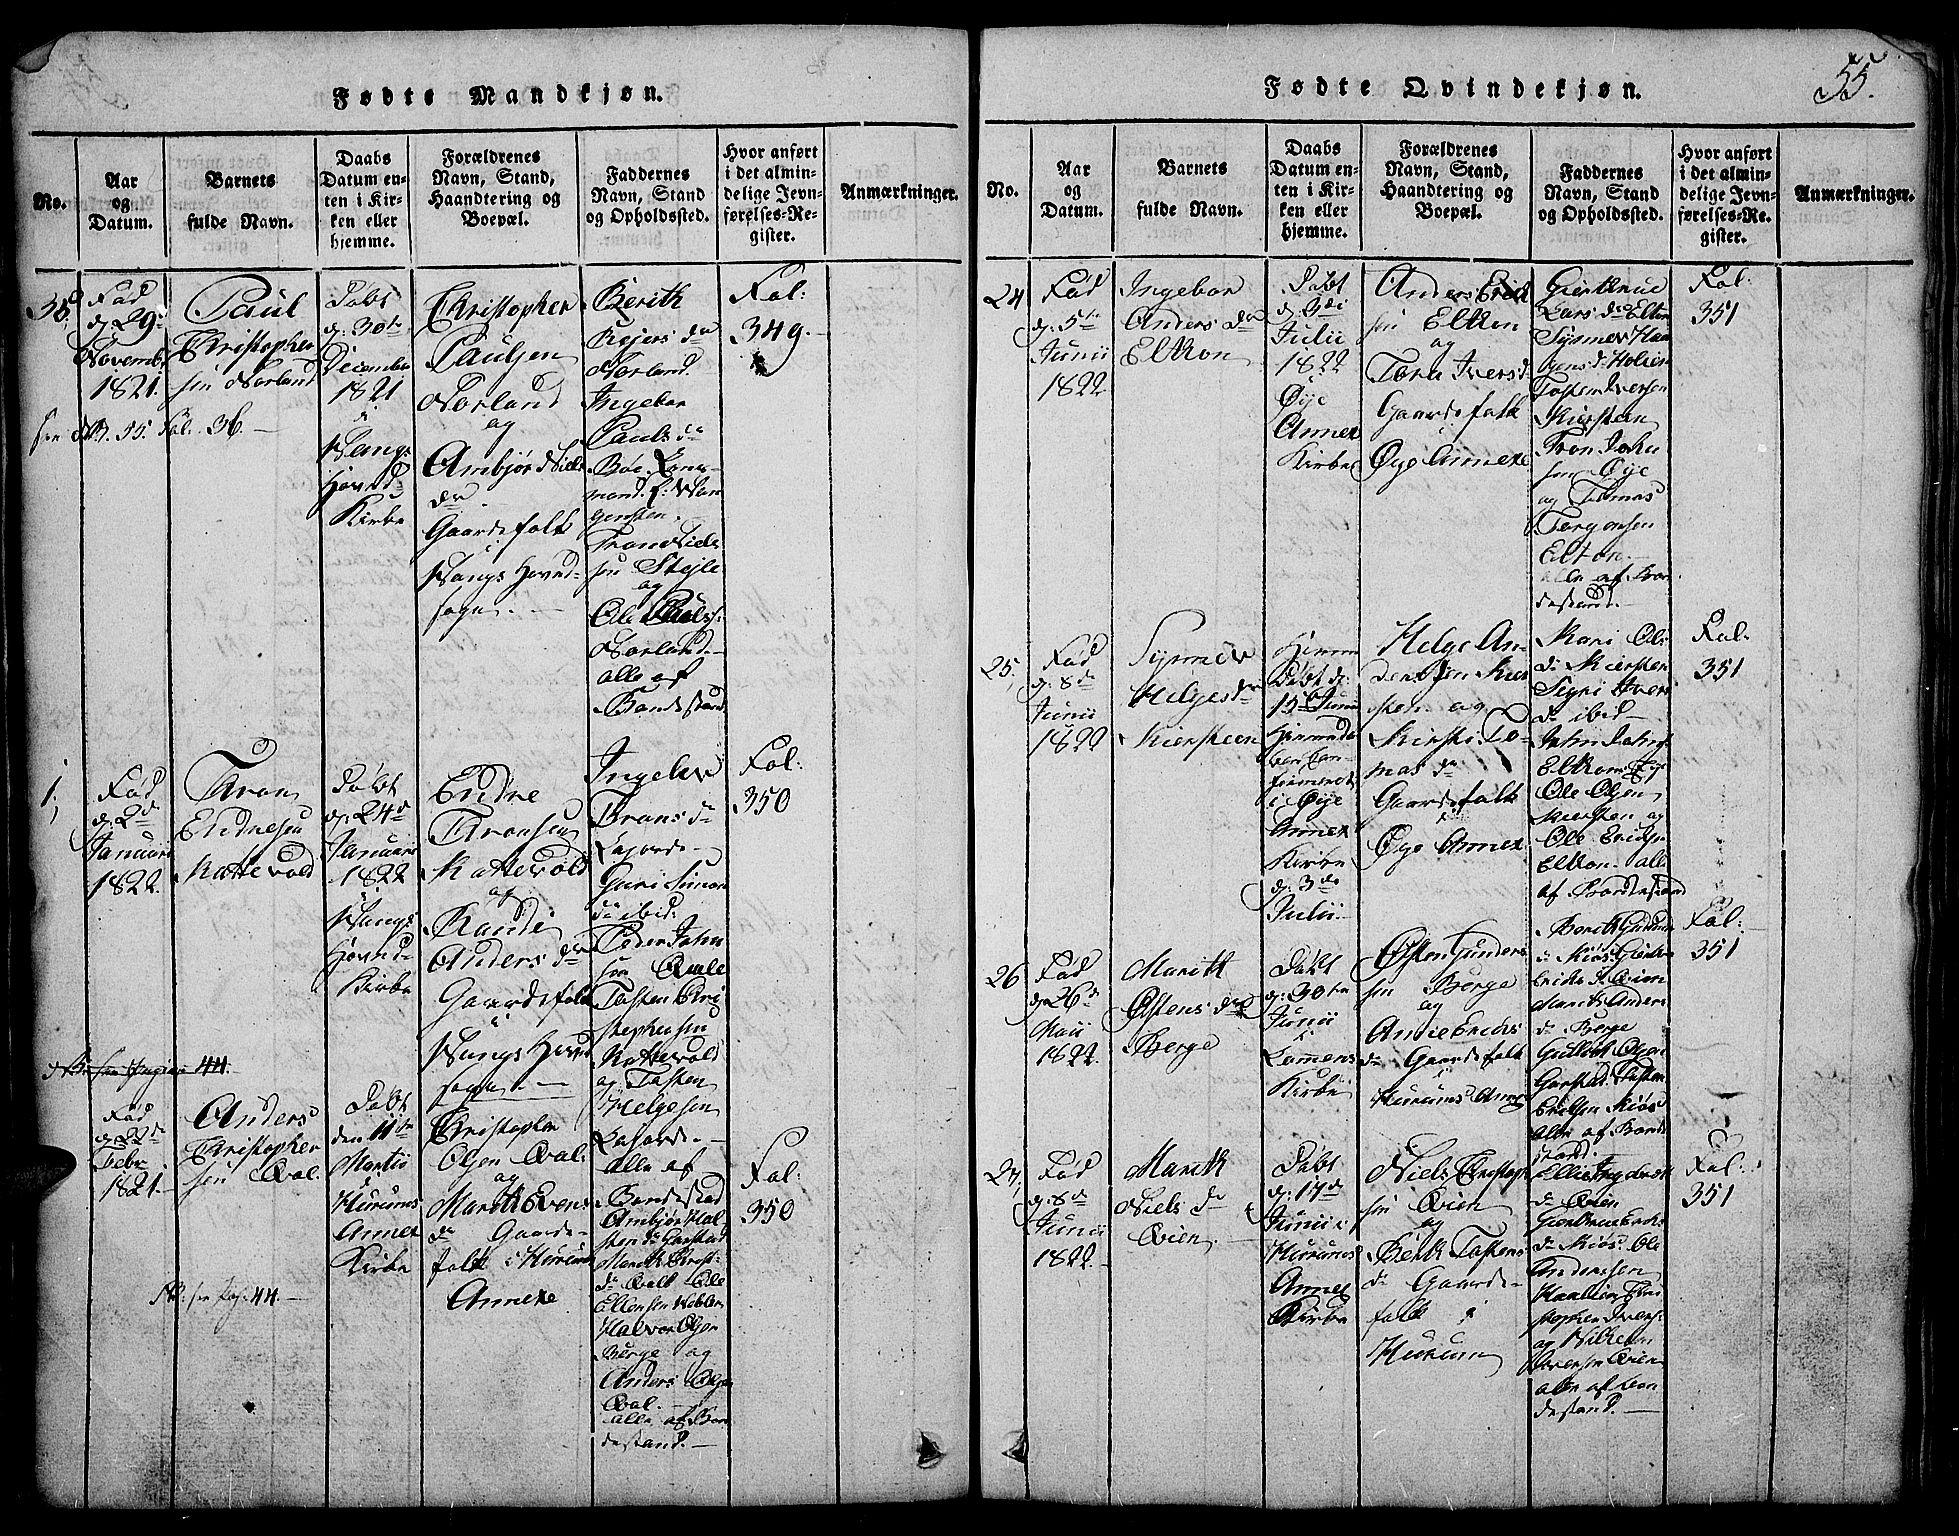 SAH, Vang prestekontor, Valdres, Klokkerbok nr. 2, 1814-1889, s. 55